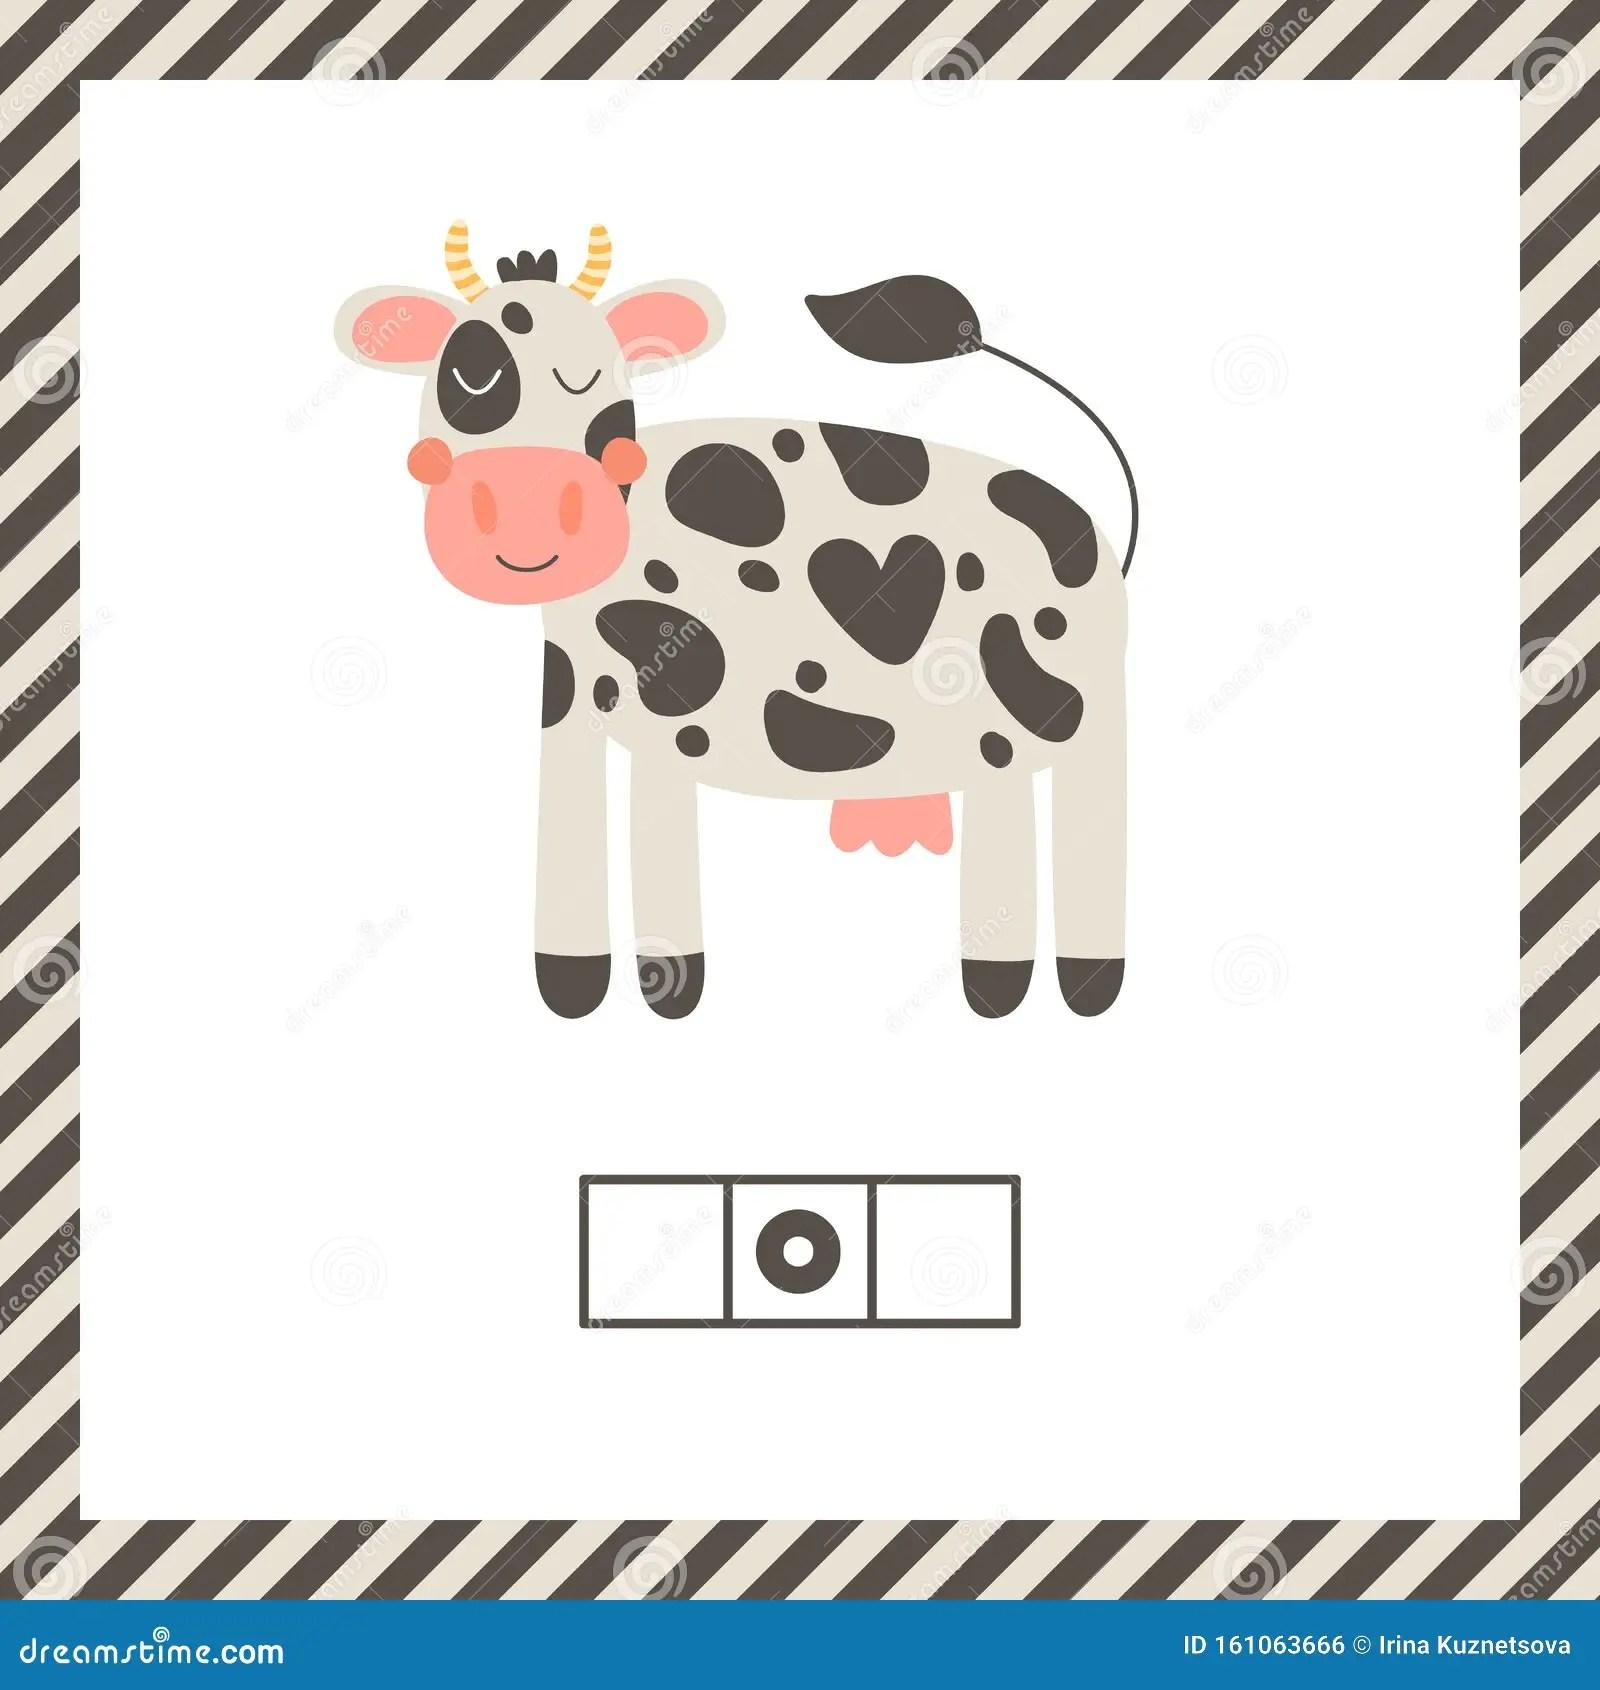 Cute Funny Farm Animal For Kids Nursery Print Cartoon Cow